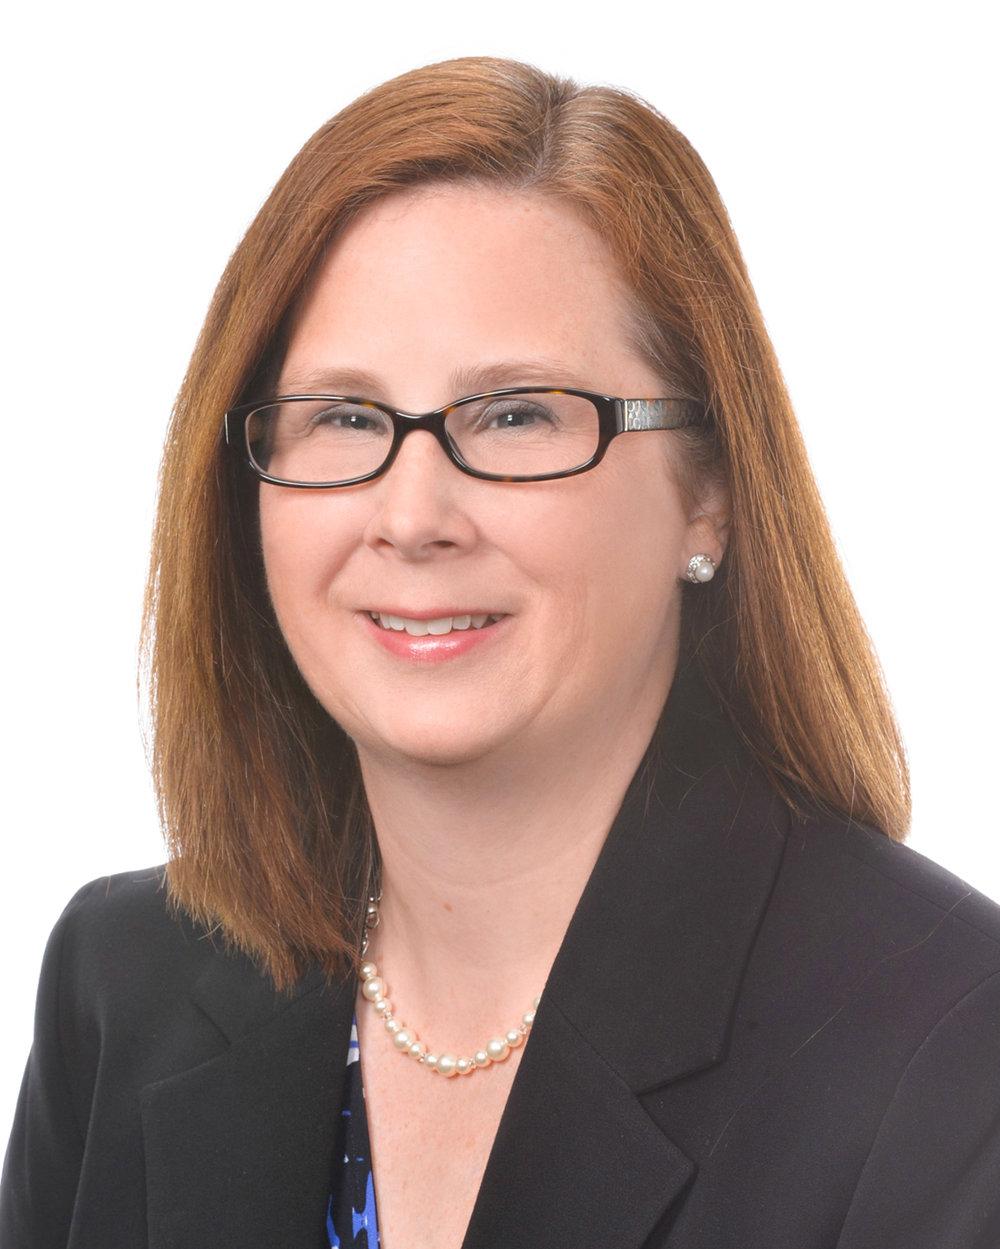 Sara R. Blevins - Director